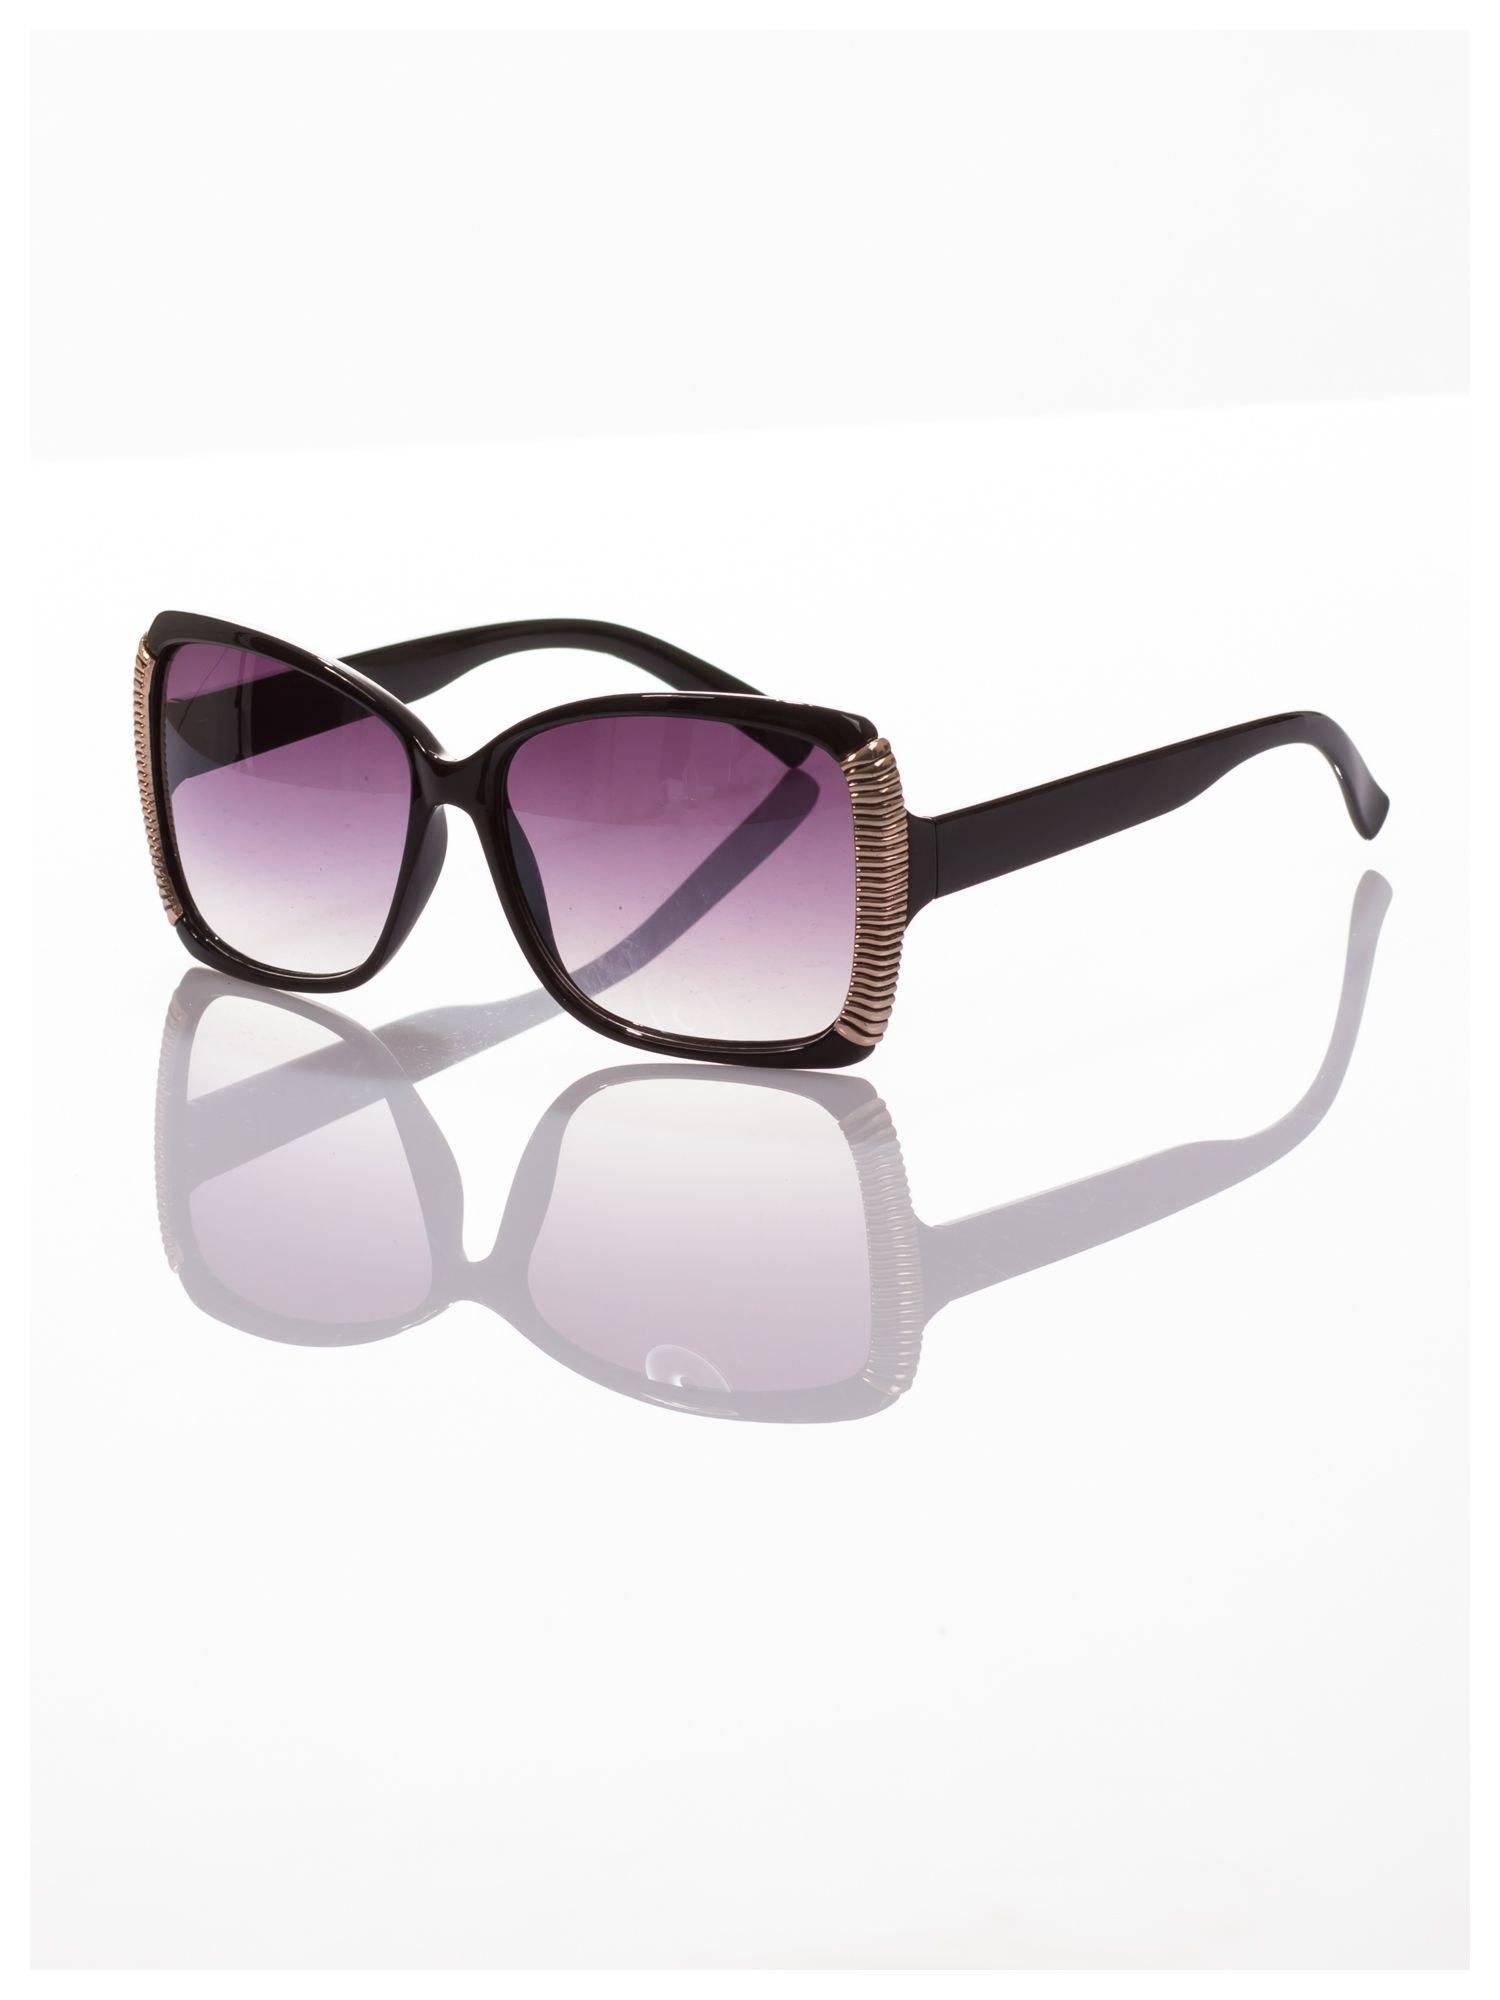 Eleganckie czarne okulary przeciwsłoneczne stylizowane na GUCCI ze srebrnymi bokami                                  zdj.                                  1